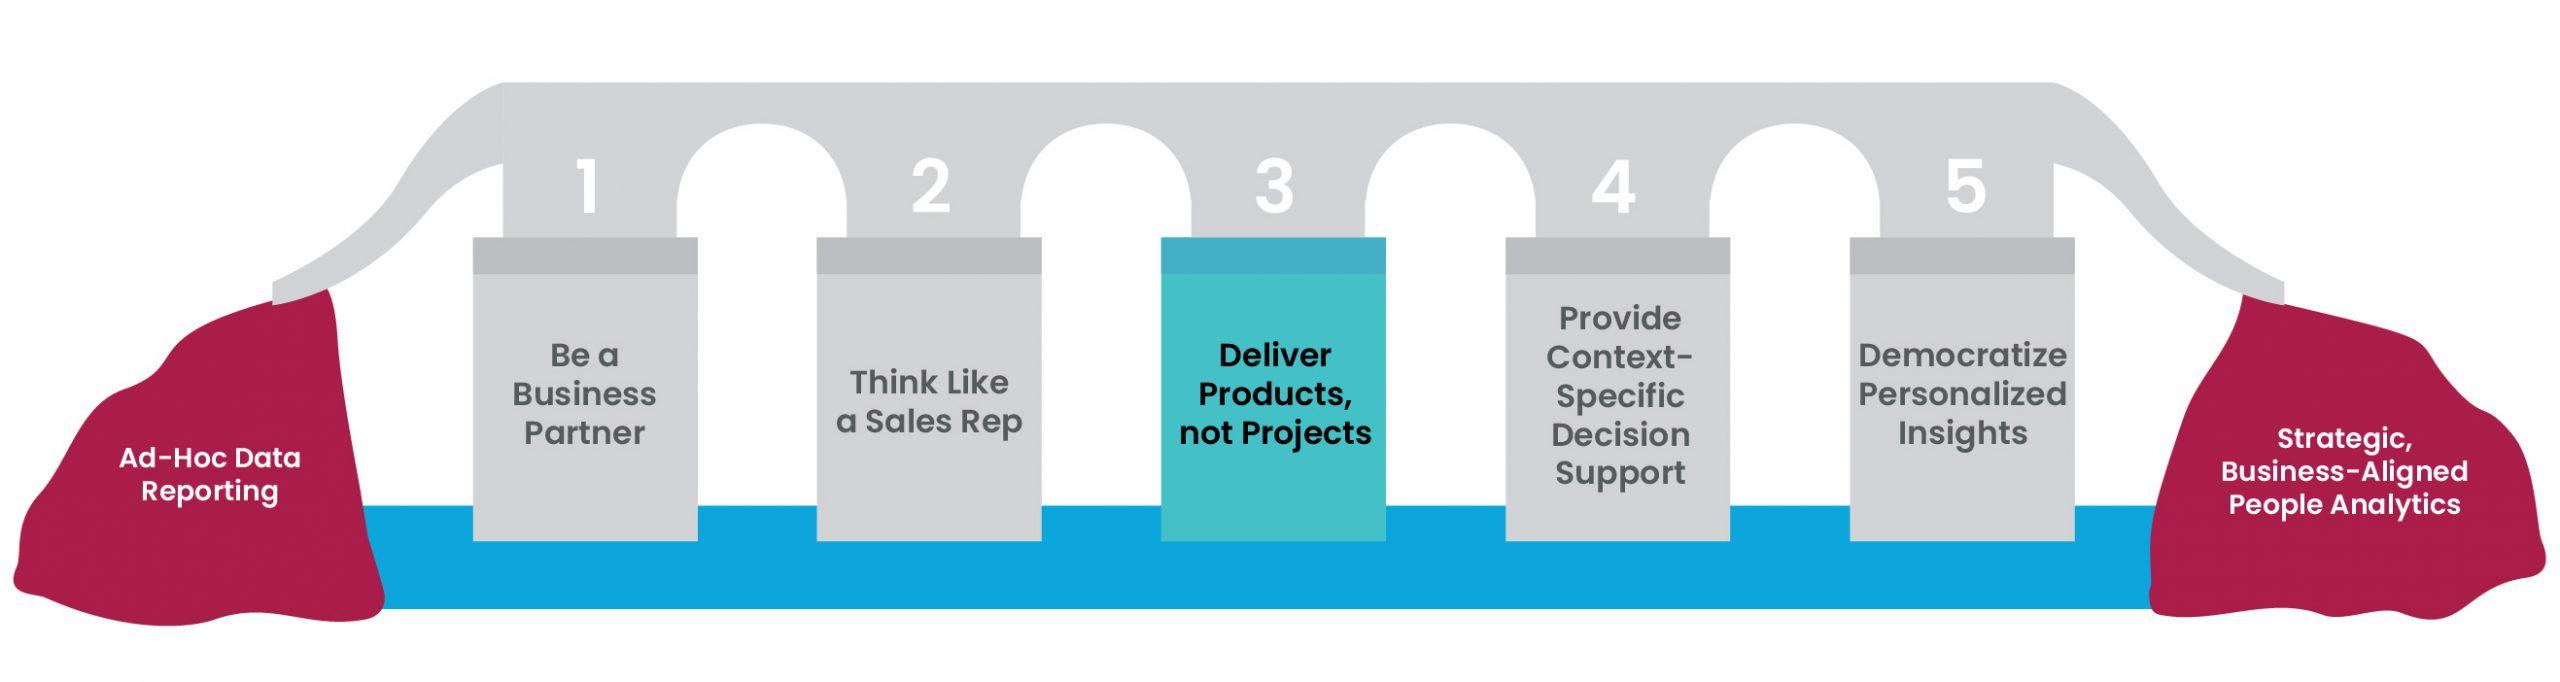 5 pillars figure 5